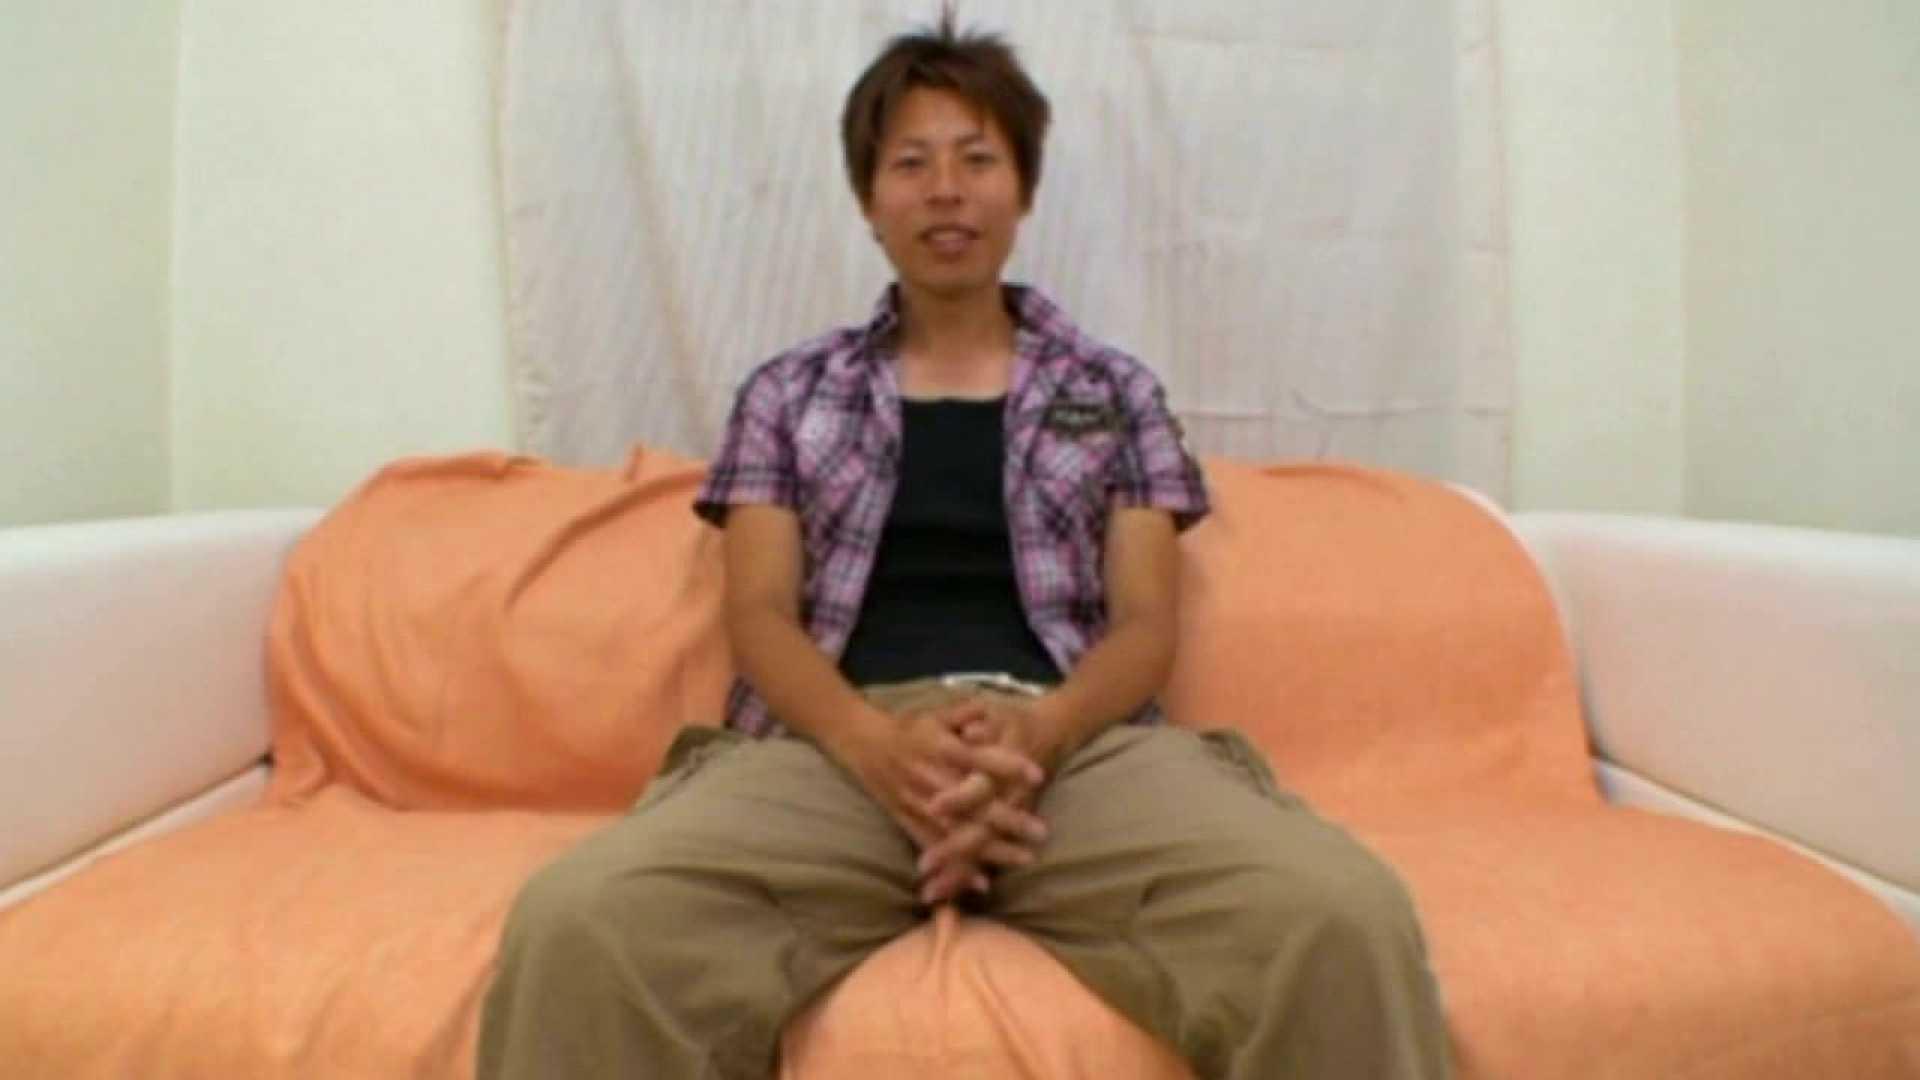 ノンケ!自慰スタジオ No.10 オナニー アダルトビデオ画像キャプチャ 113枚 32